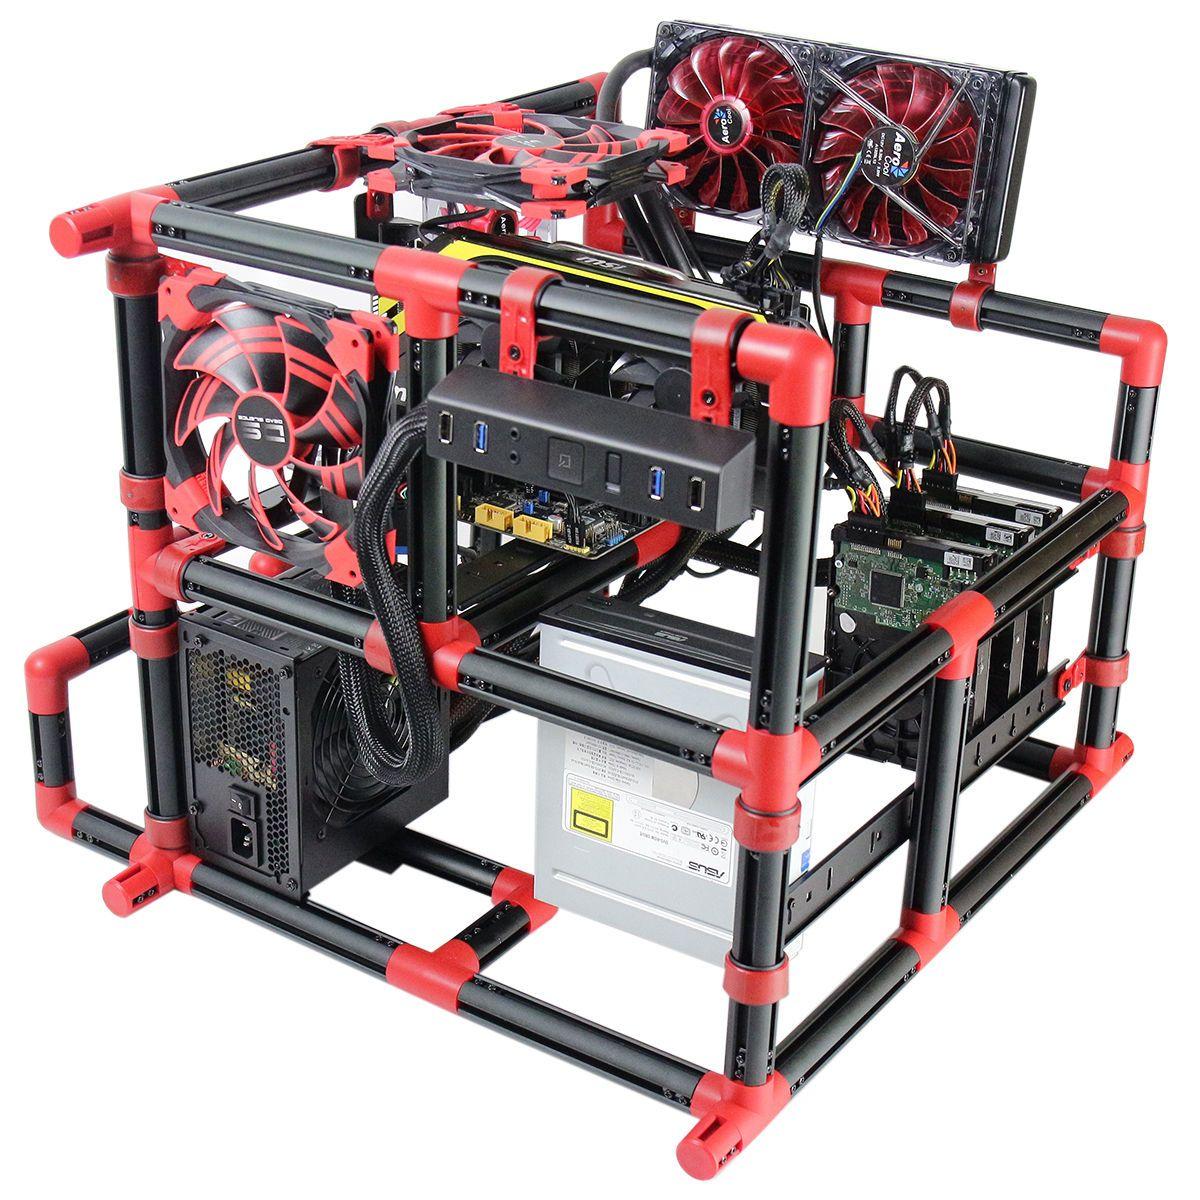 Aerocool Dream Box Creative Diy Pc Computer Case Building